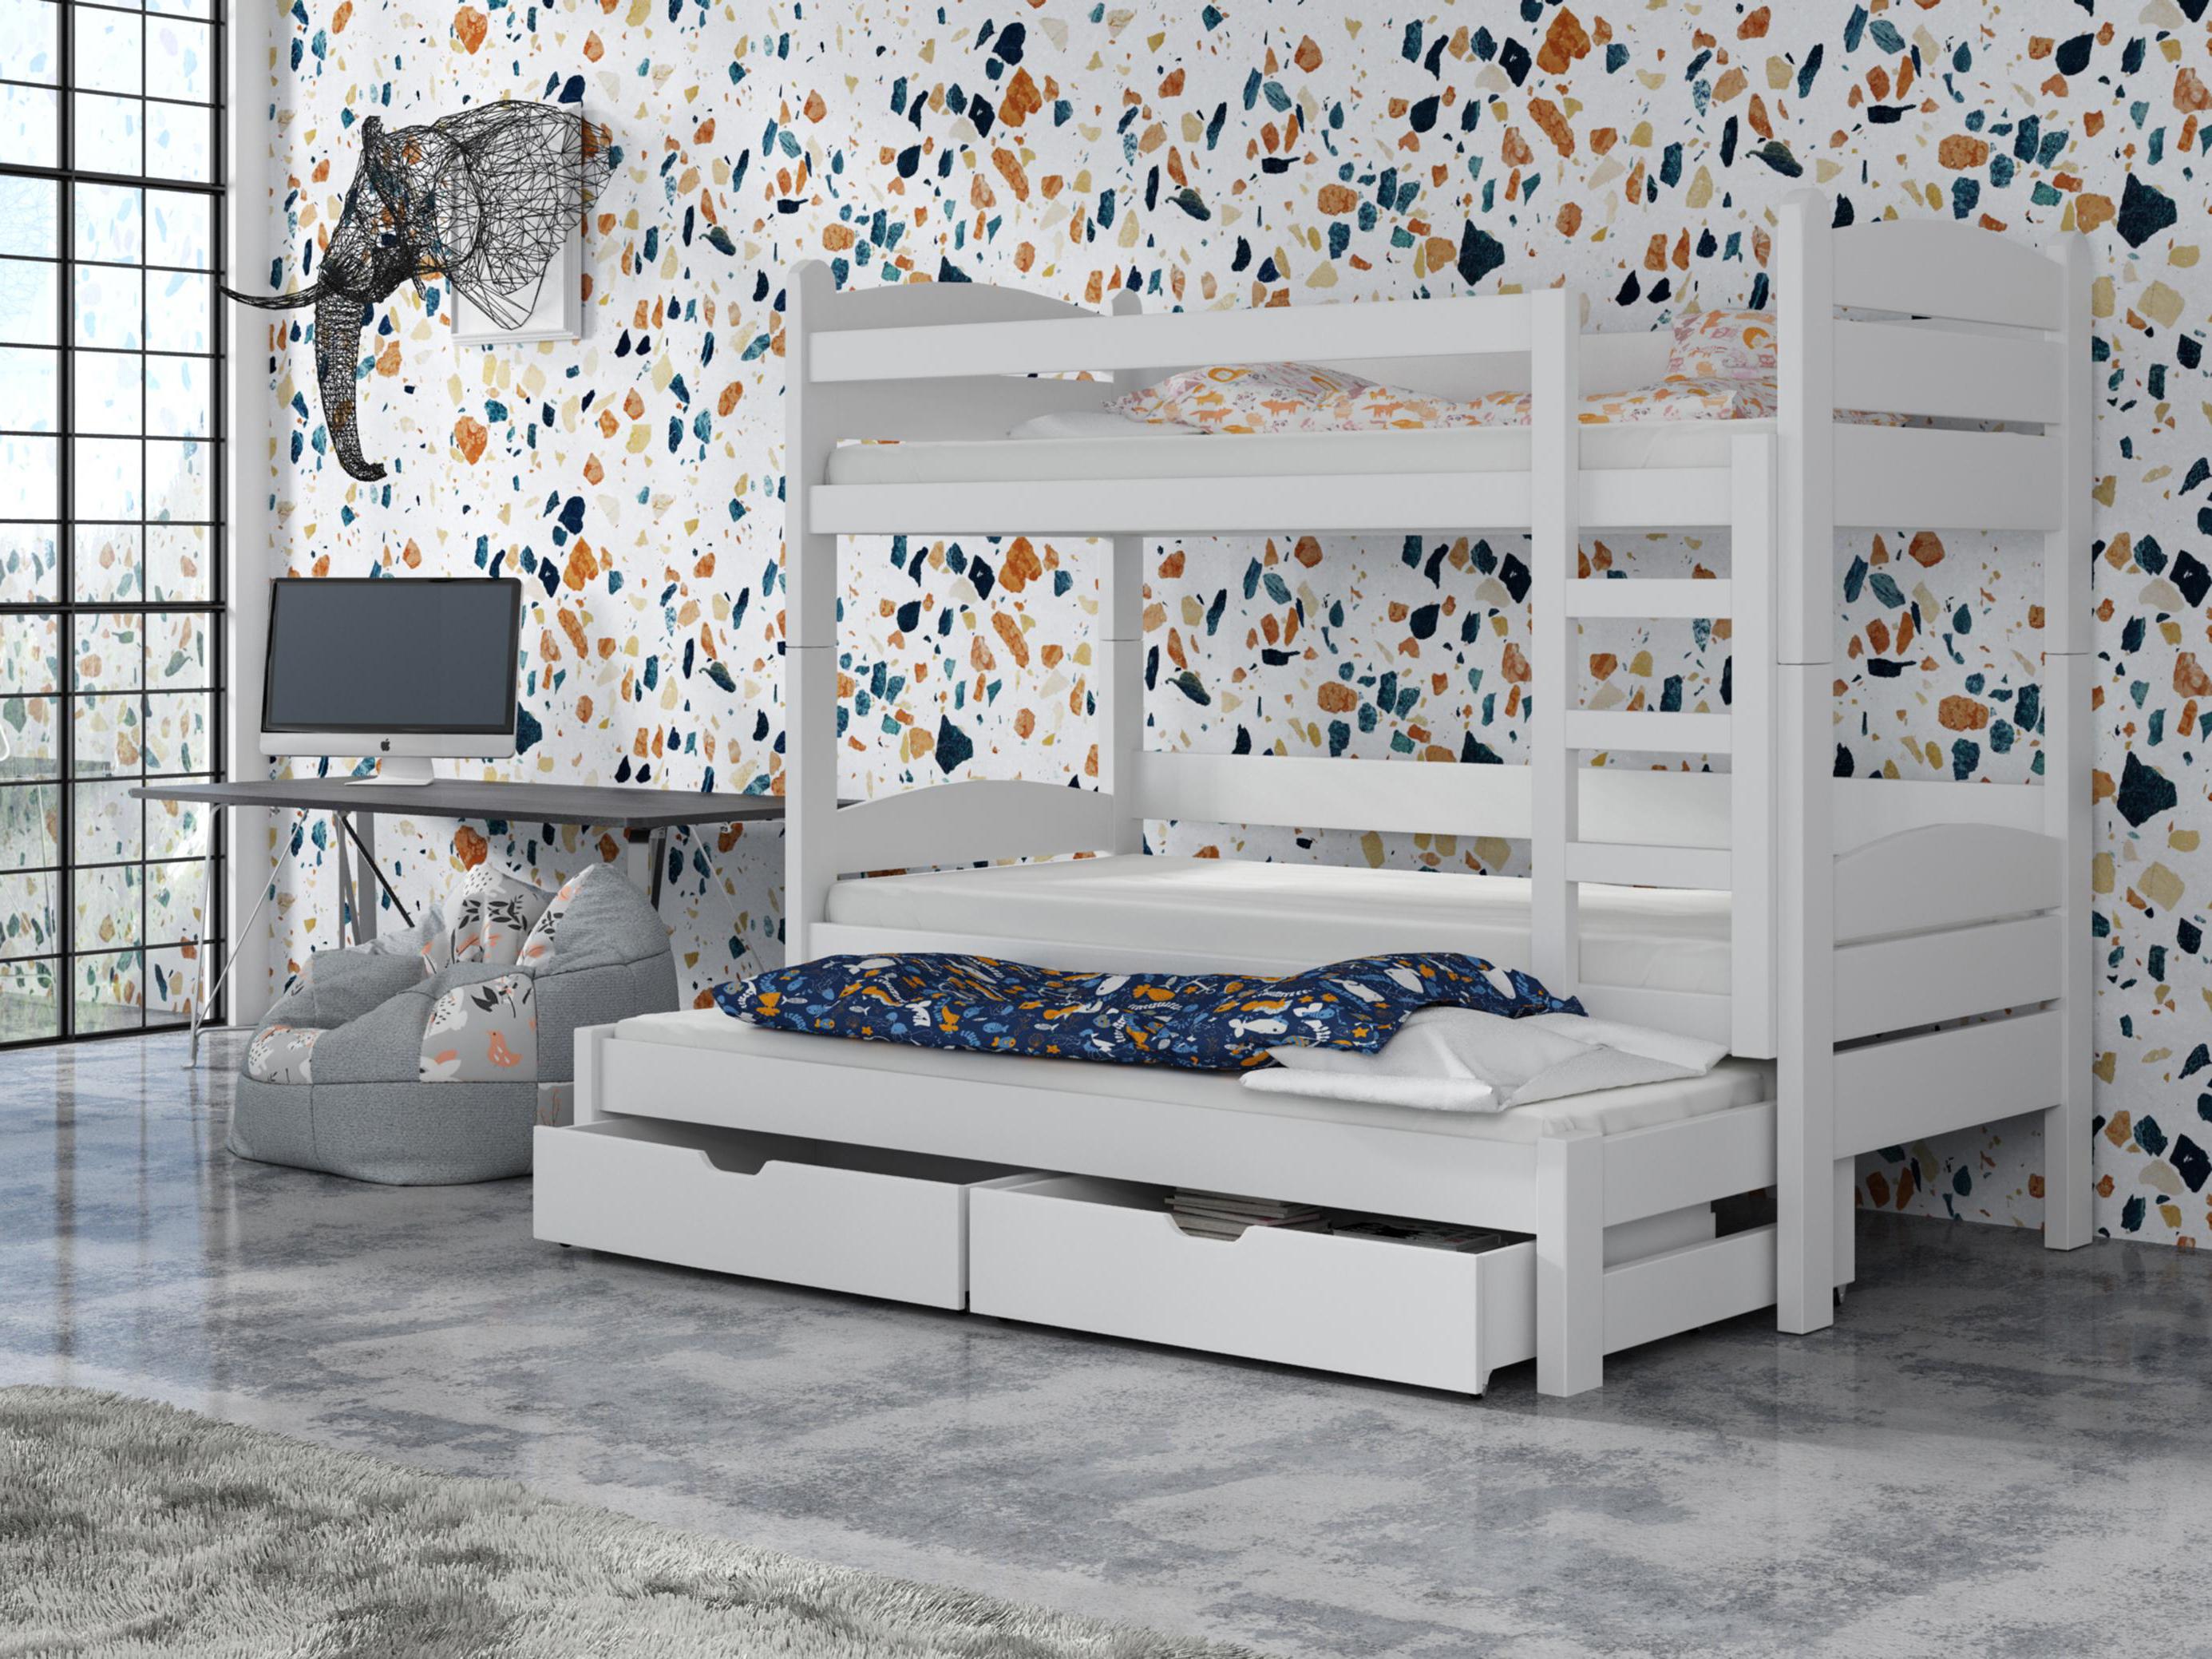 Detská poschodová posteľ 90 cm - Celsa (biela). Akcia -33%. Vlastná spoľahlivá doprava až k Vám domov.